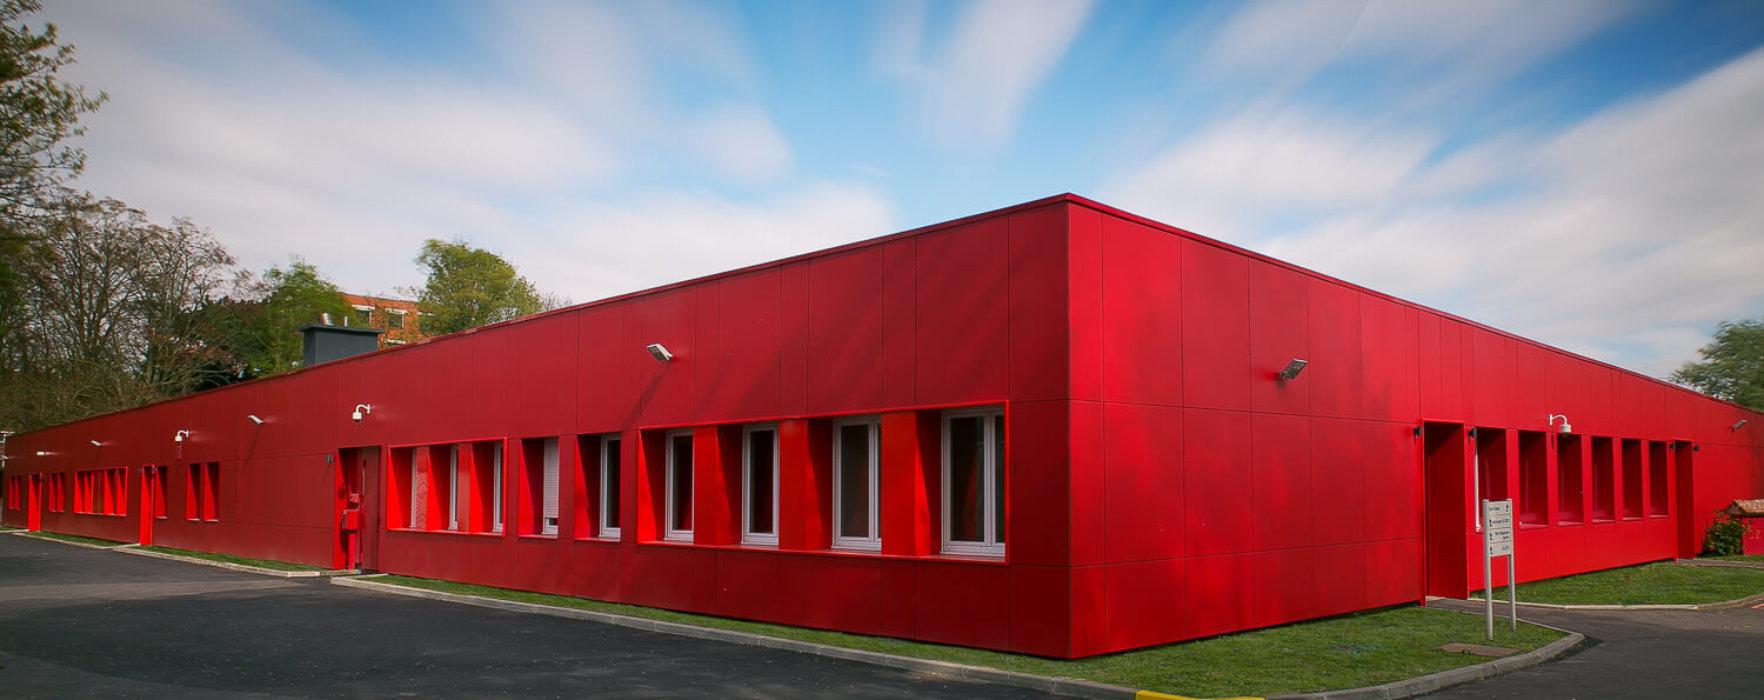 Lycée Ozanam, réhabilitation du bâtiment et optimisation des performances thermiques et énergétiques